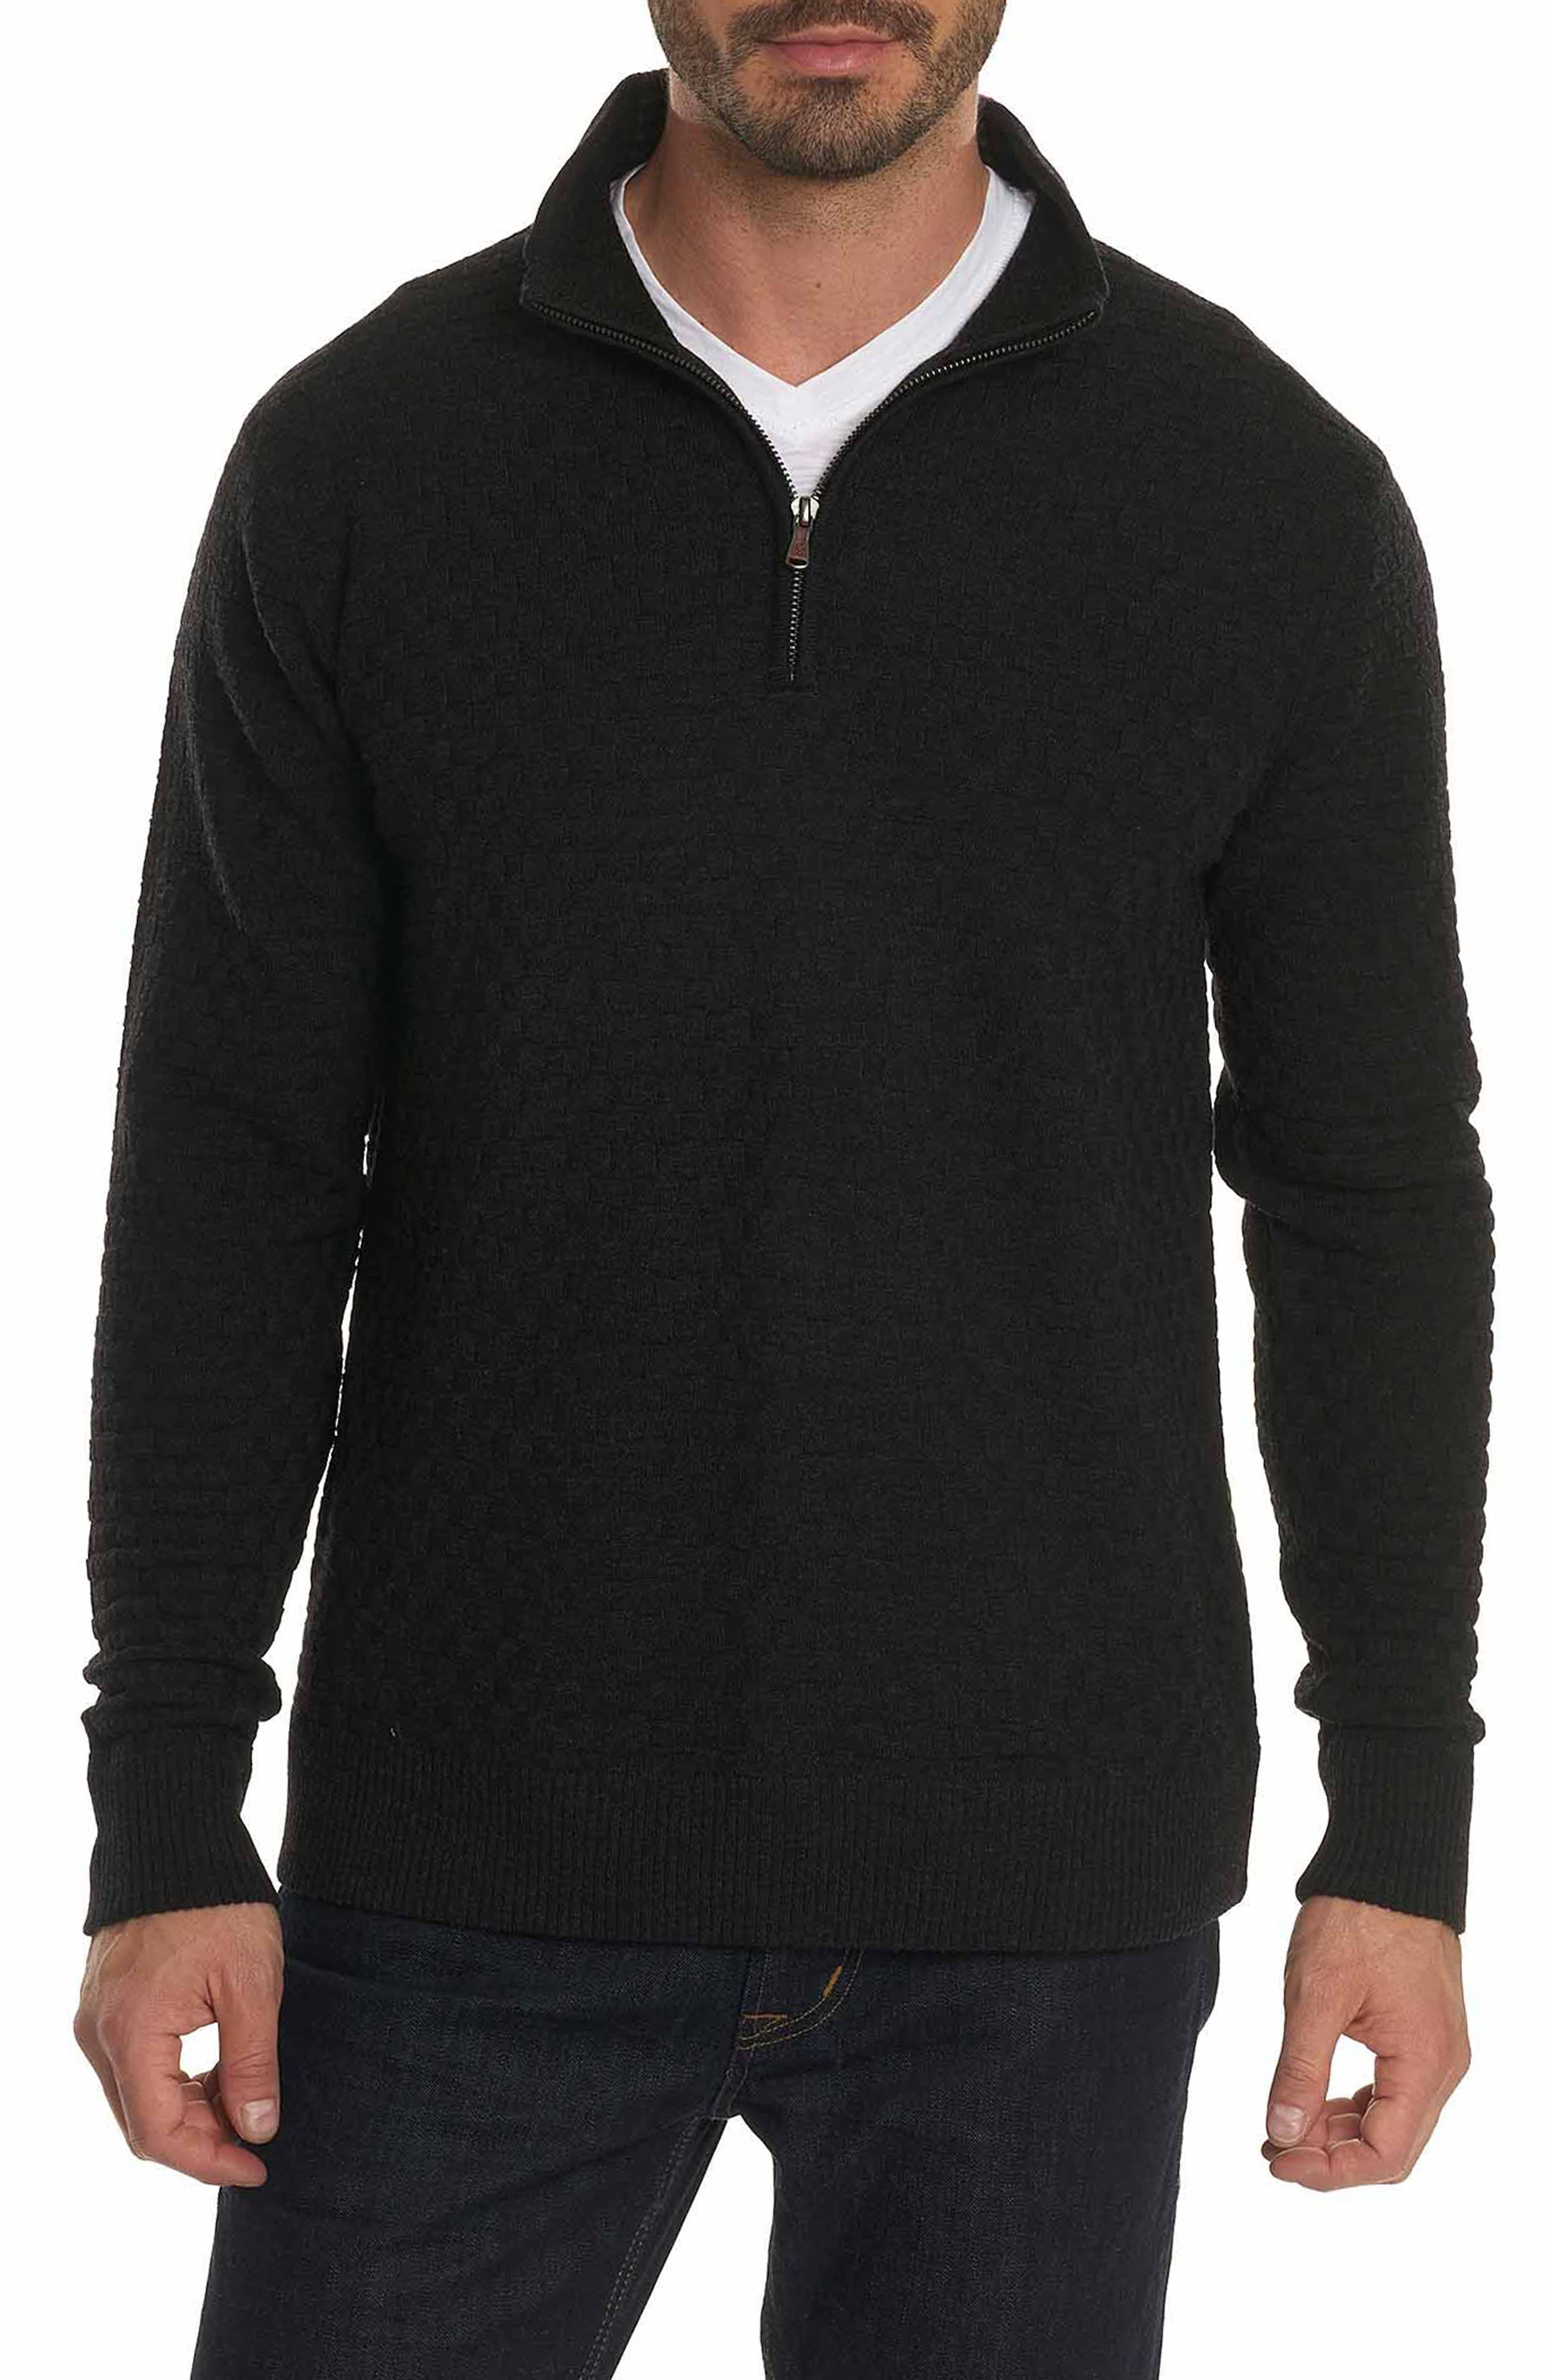 Robert Graham American Beech Wool & Cashmere Sweater